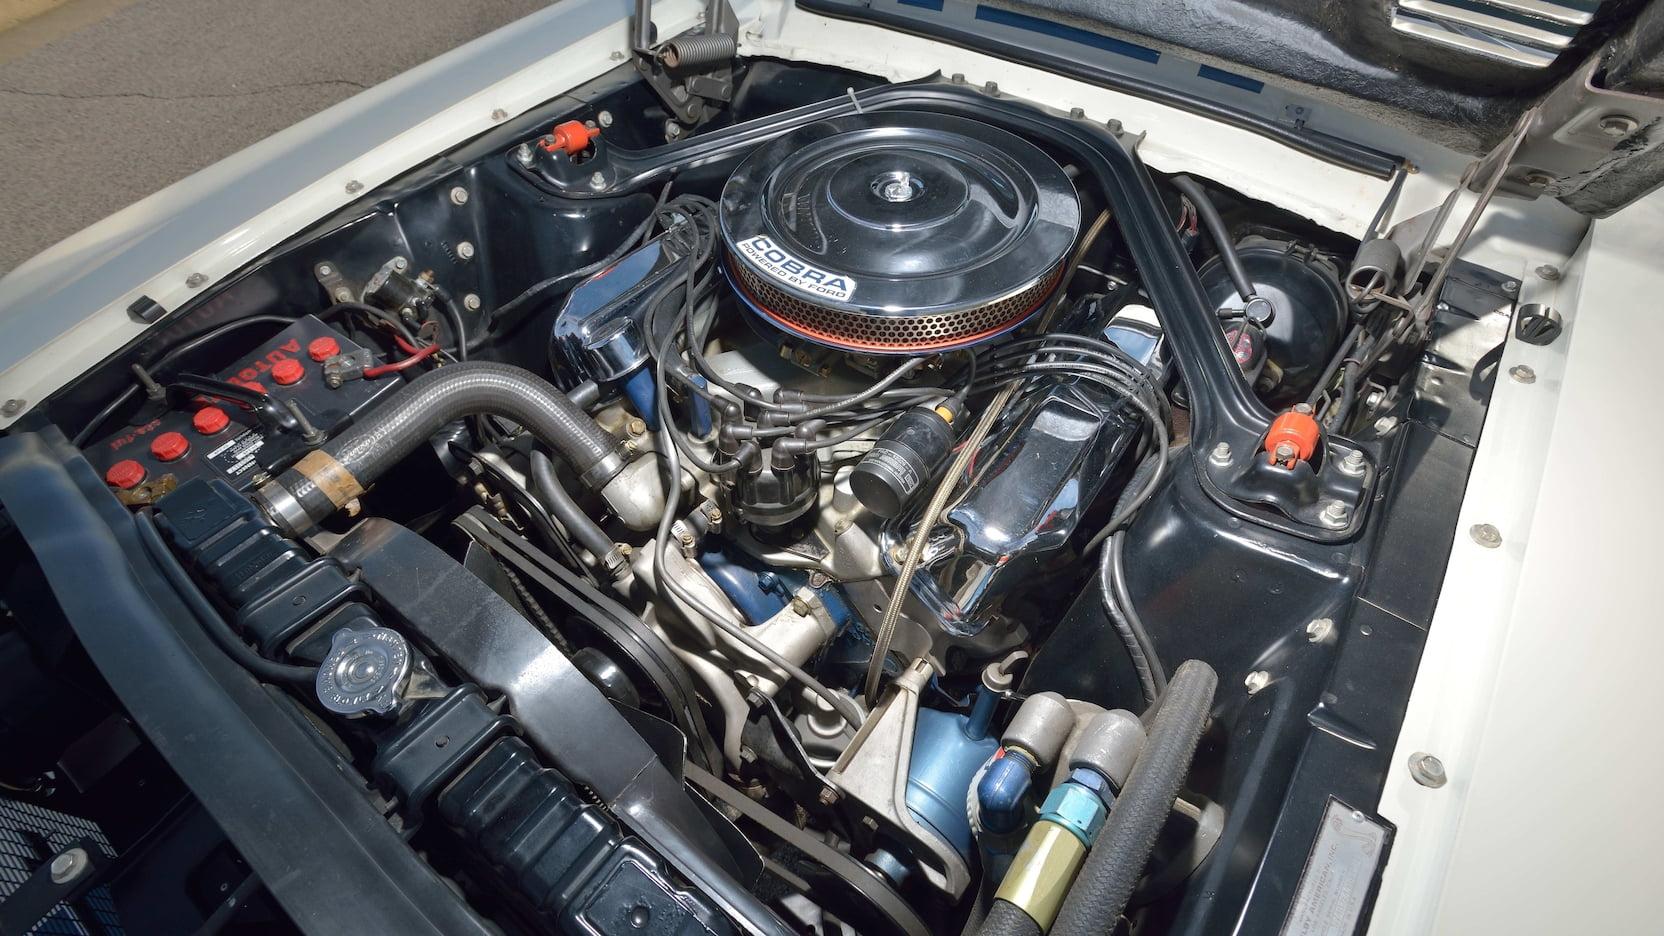 1967 Shelby GT500 Super Snake engine